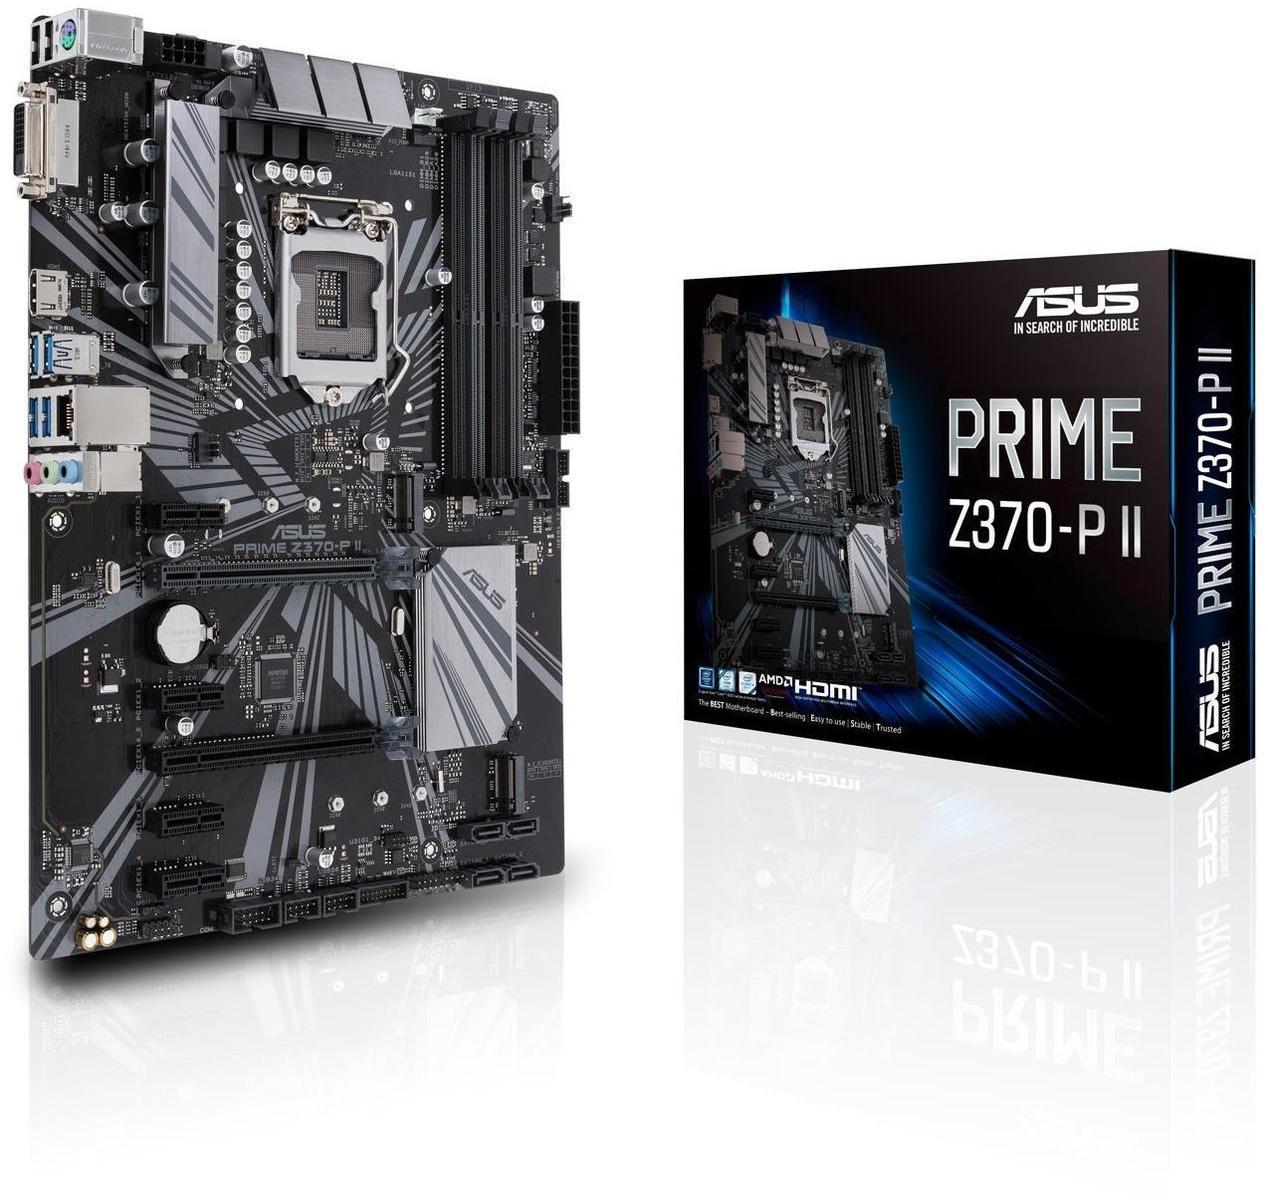 Asus PRIME Z370-P ATX LGA 1151